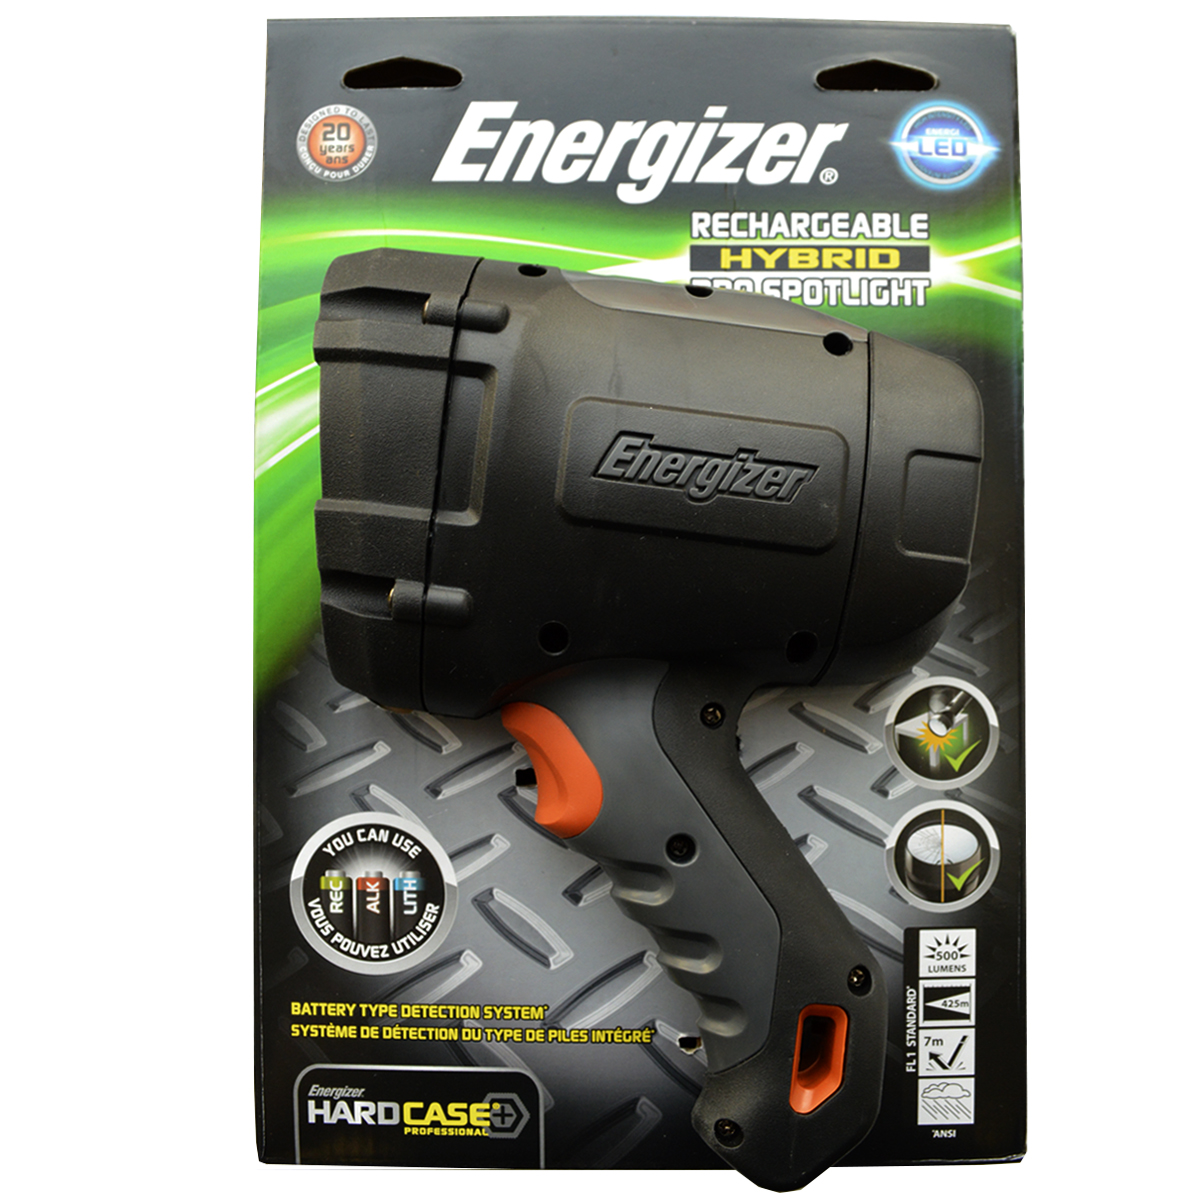 Фонарь ручной Energizer HardCasePro Rech. 639619639619Очень удобно – работает от аккумуляторных, щелочных и литиевых батареек Инновационная уникальная система распознавания батареек Светодиод Cree Автомобильное зарядное устройство в комплекте Чрезвычайно длительный срок службы – рассчитан на 15 лет Работает от 4 аккумуляторных батареек типоразмера AA (в комплекте)